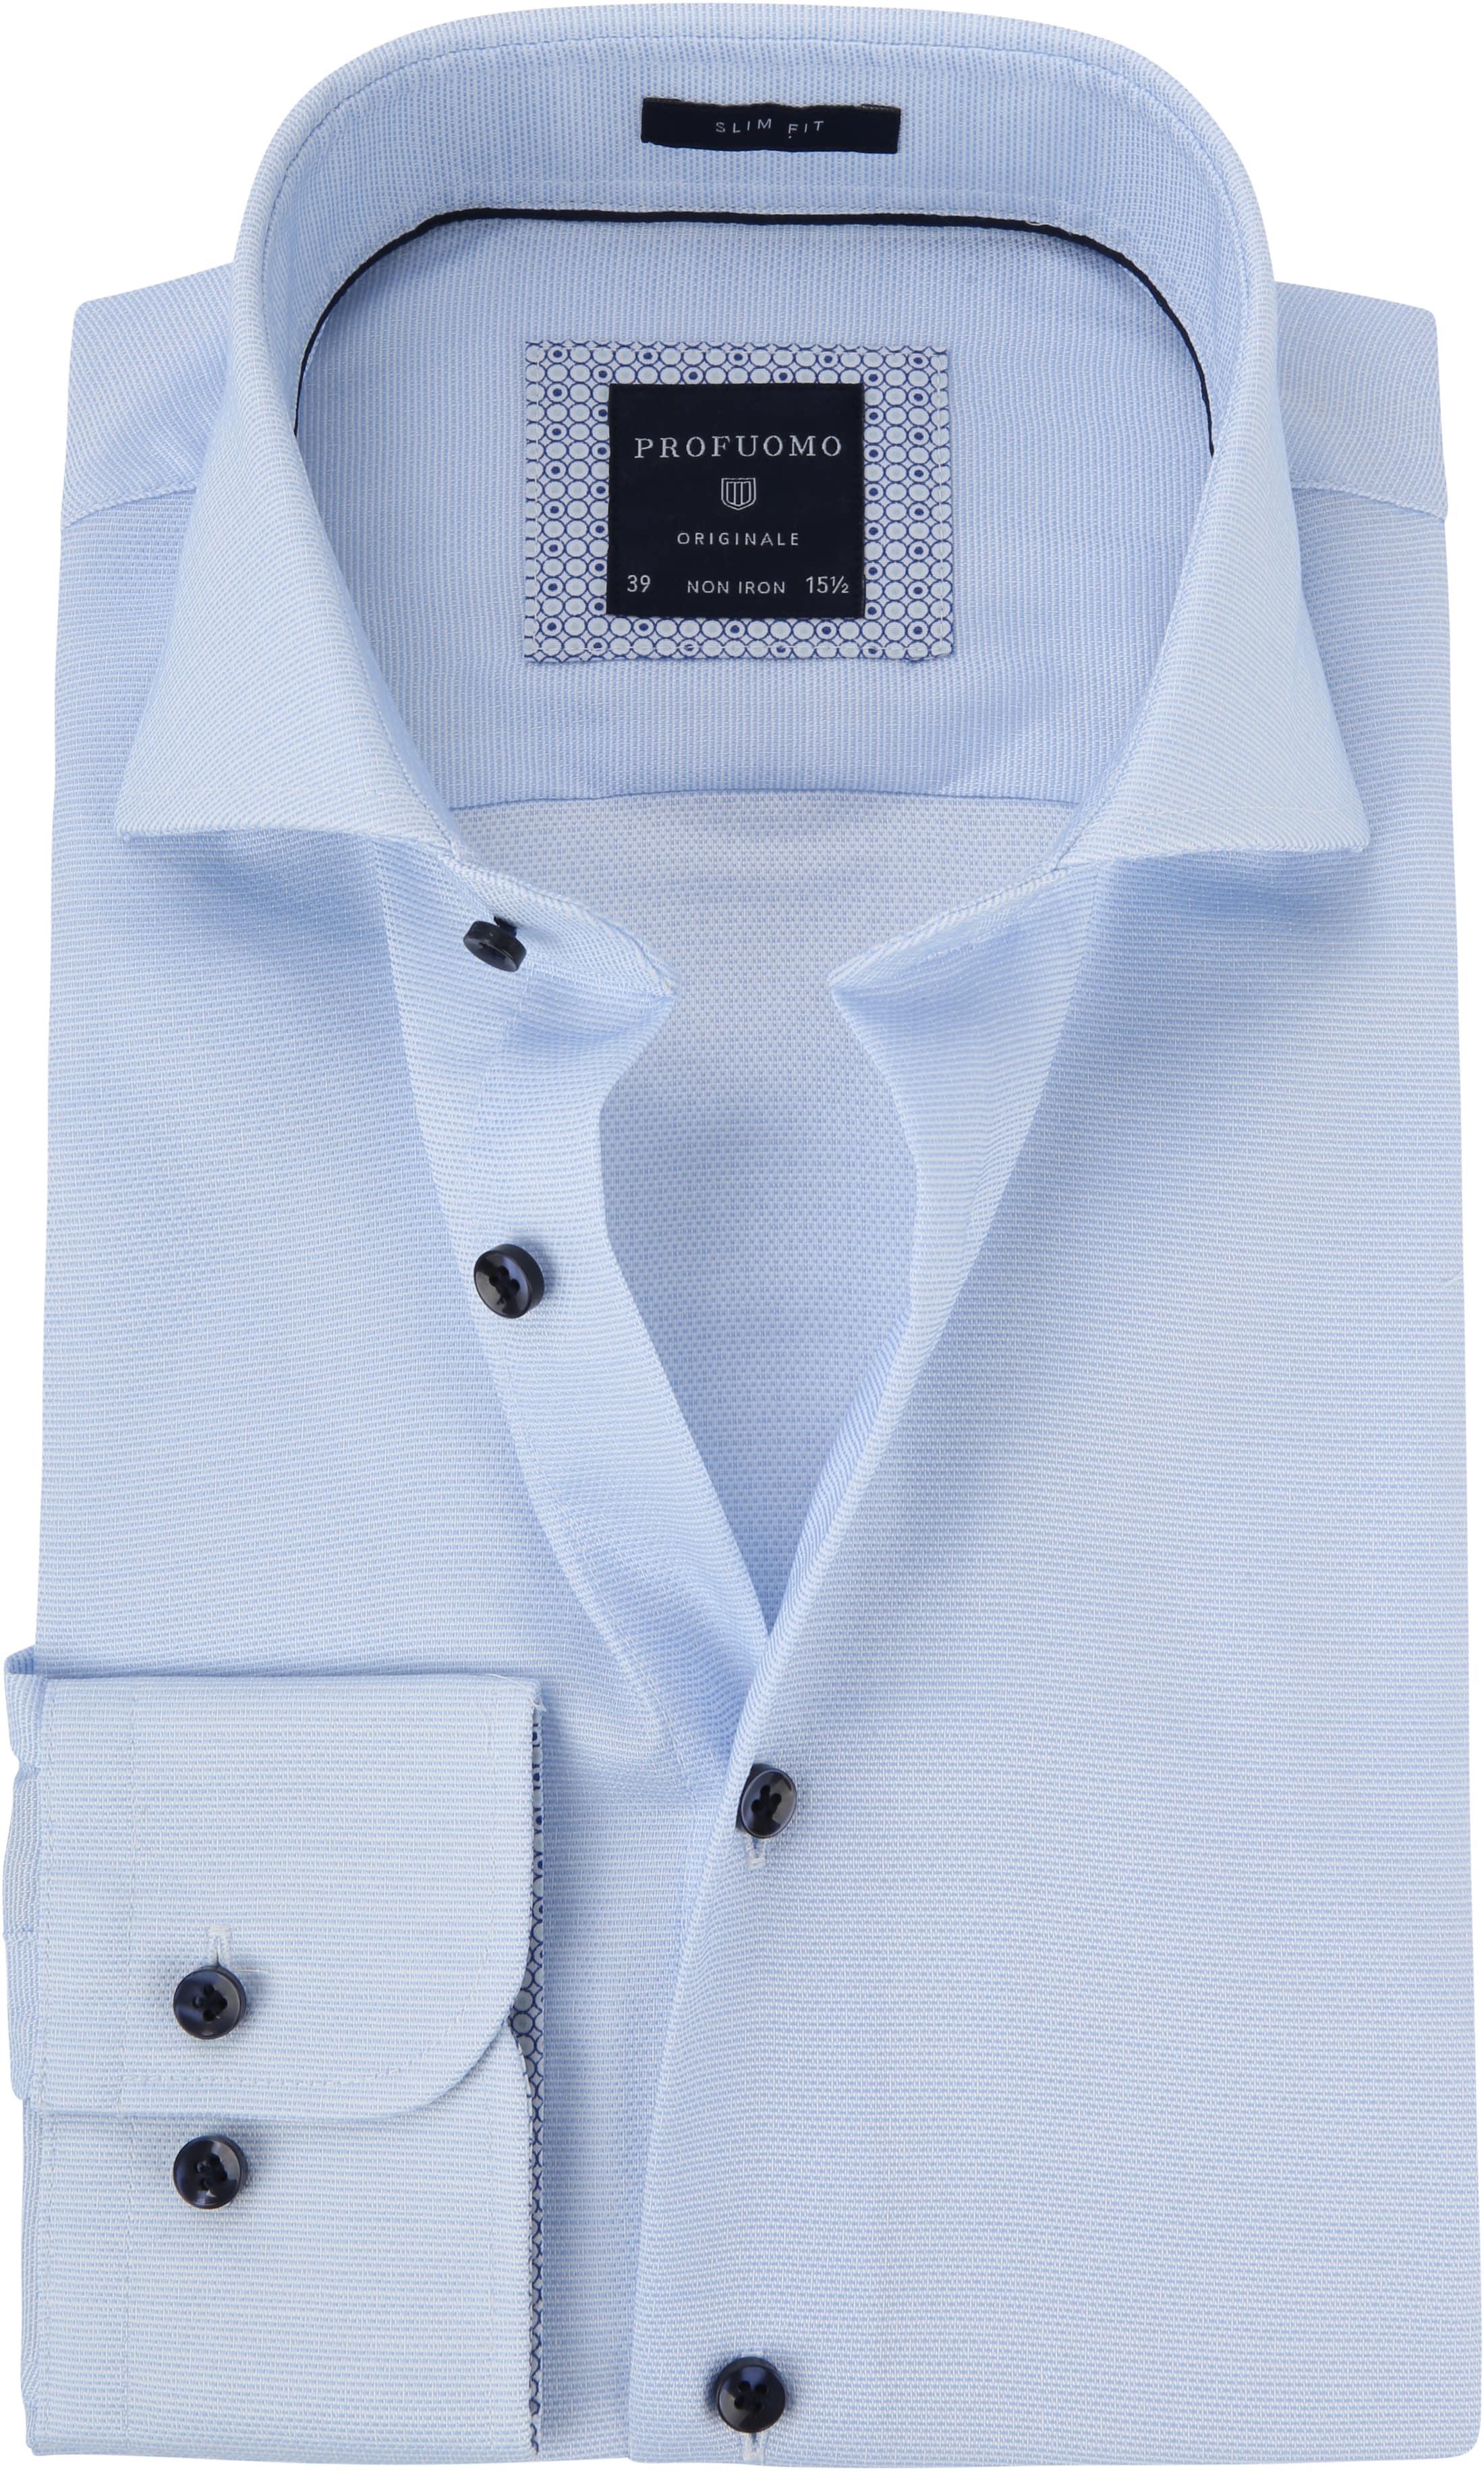 Profuomo Overhemd Dobby Lichtblauw foto 0